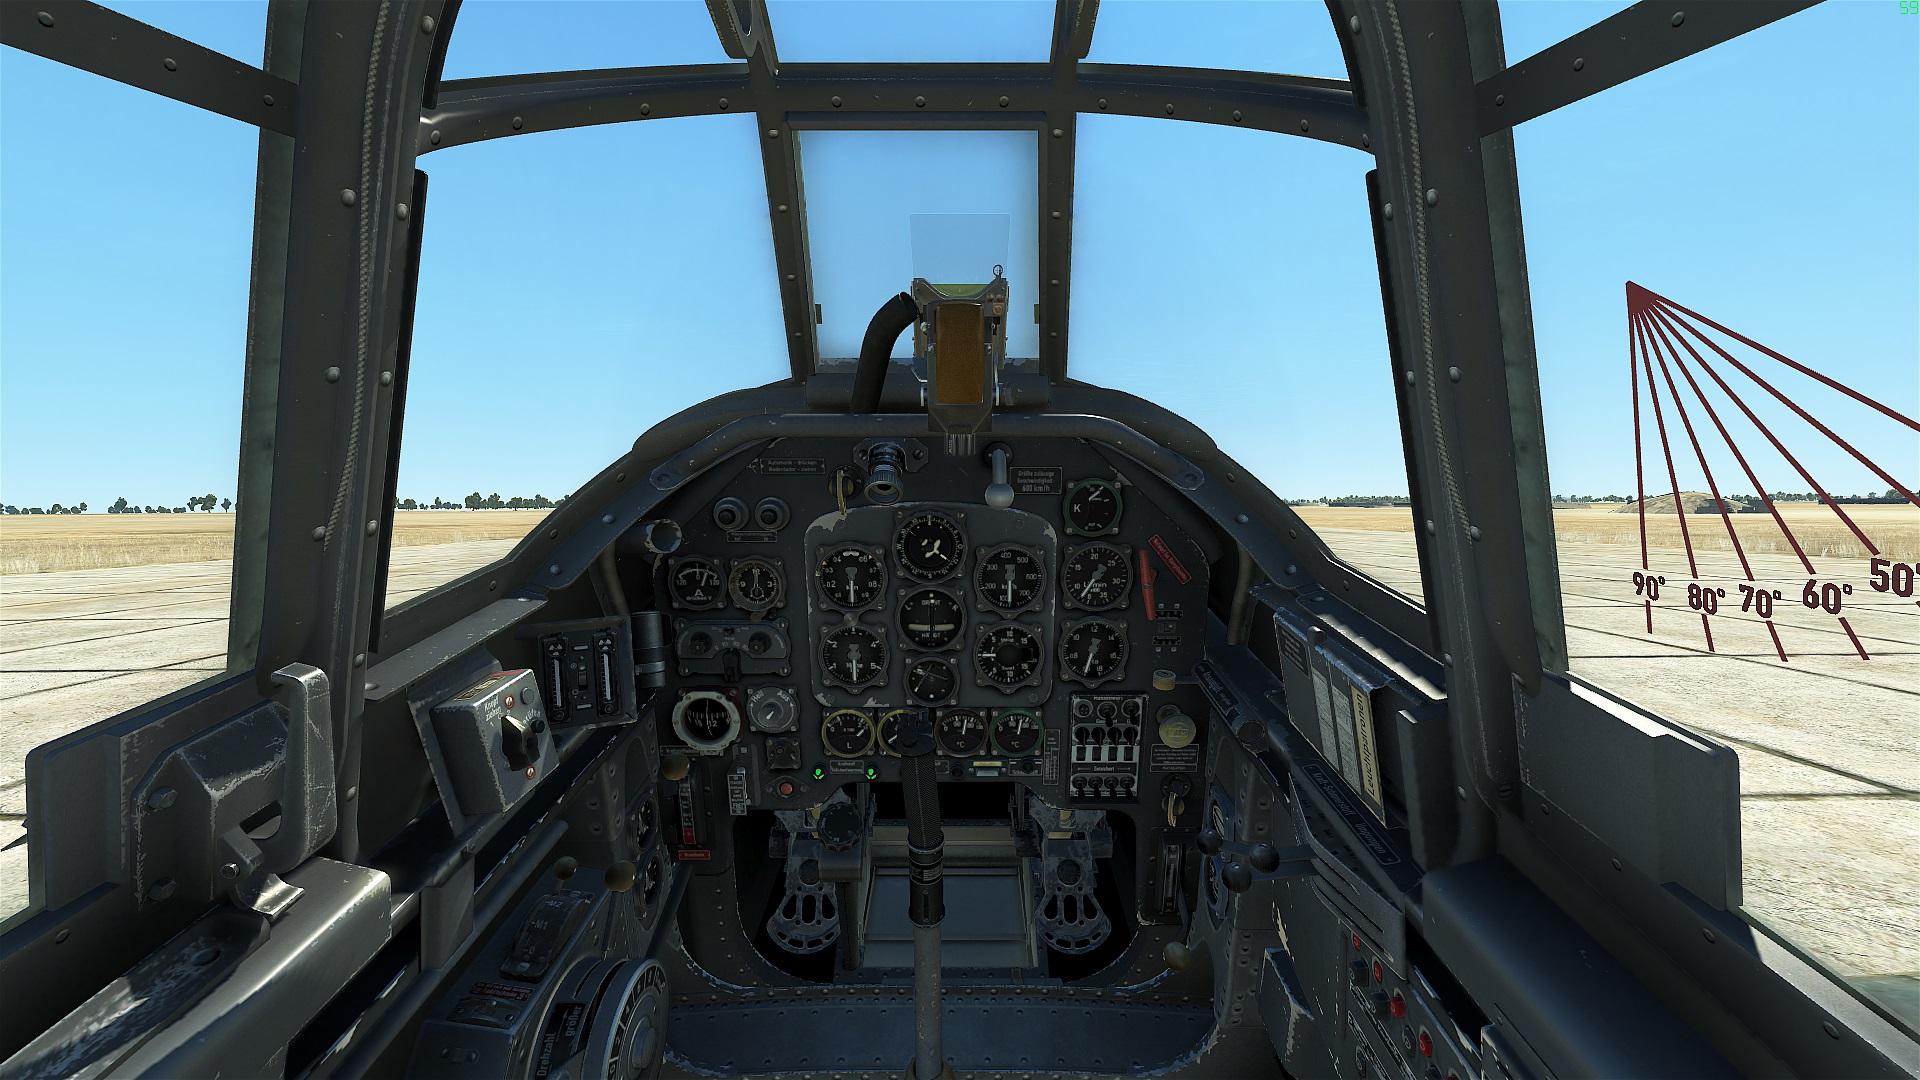 Cockpit, Bild von Kaltkori, Gemeinfrei